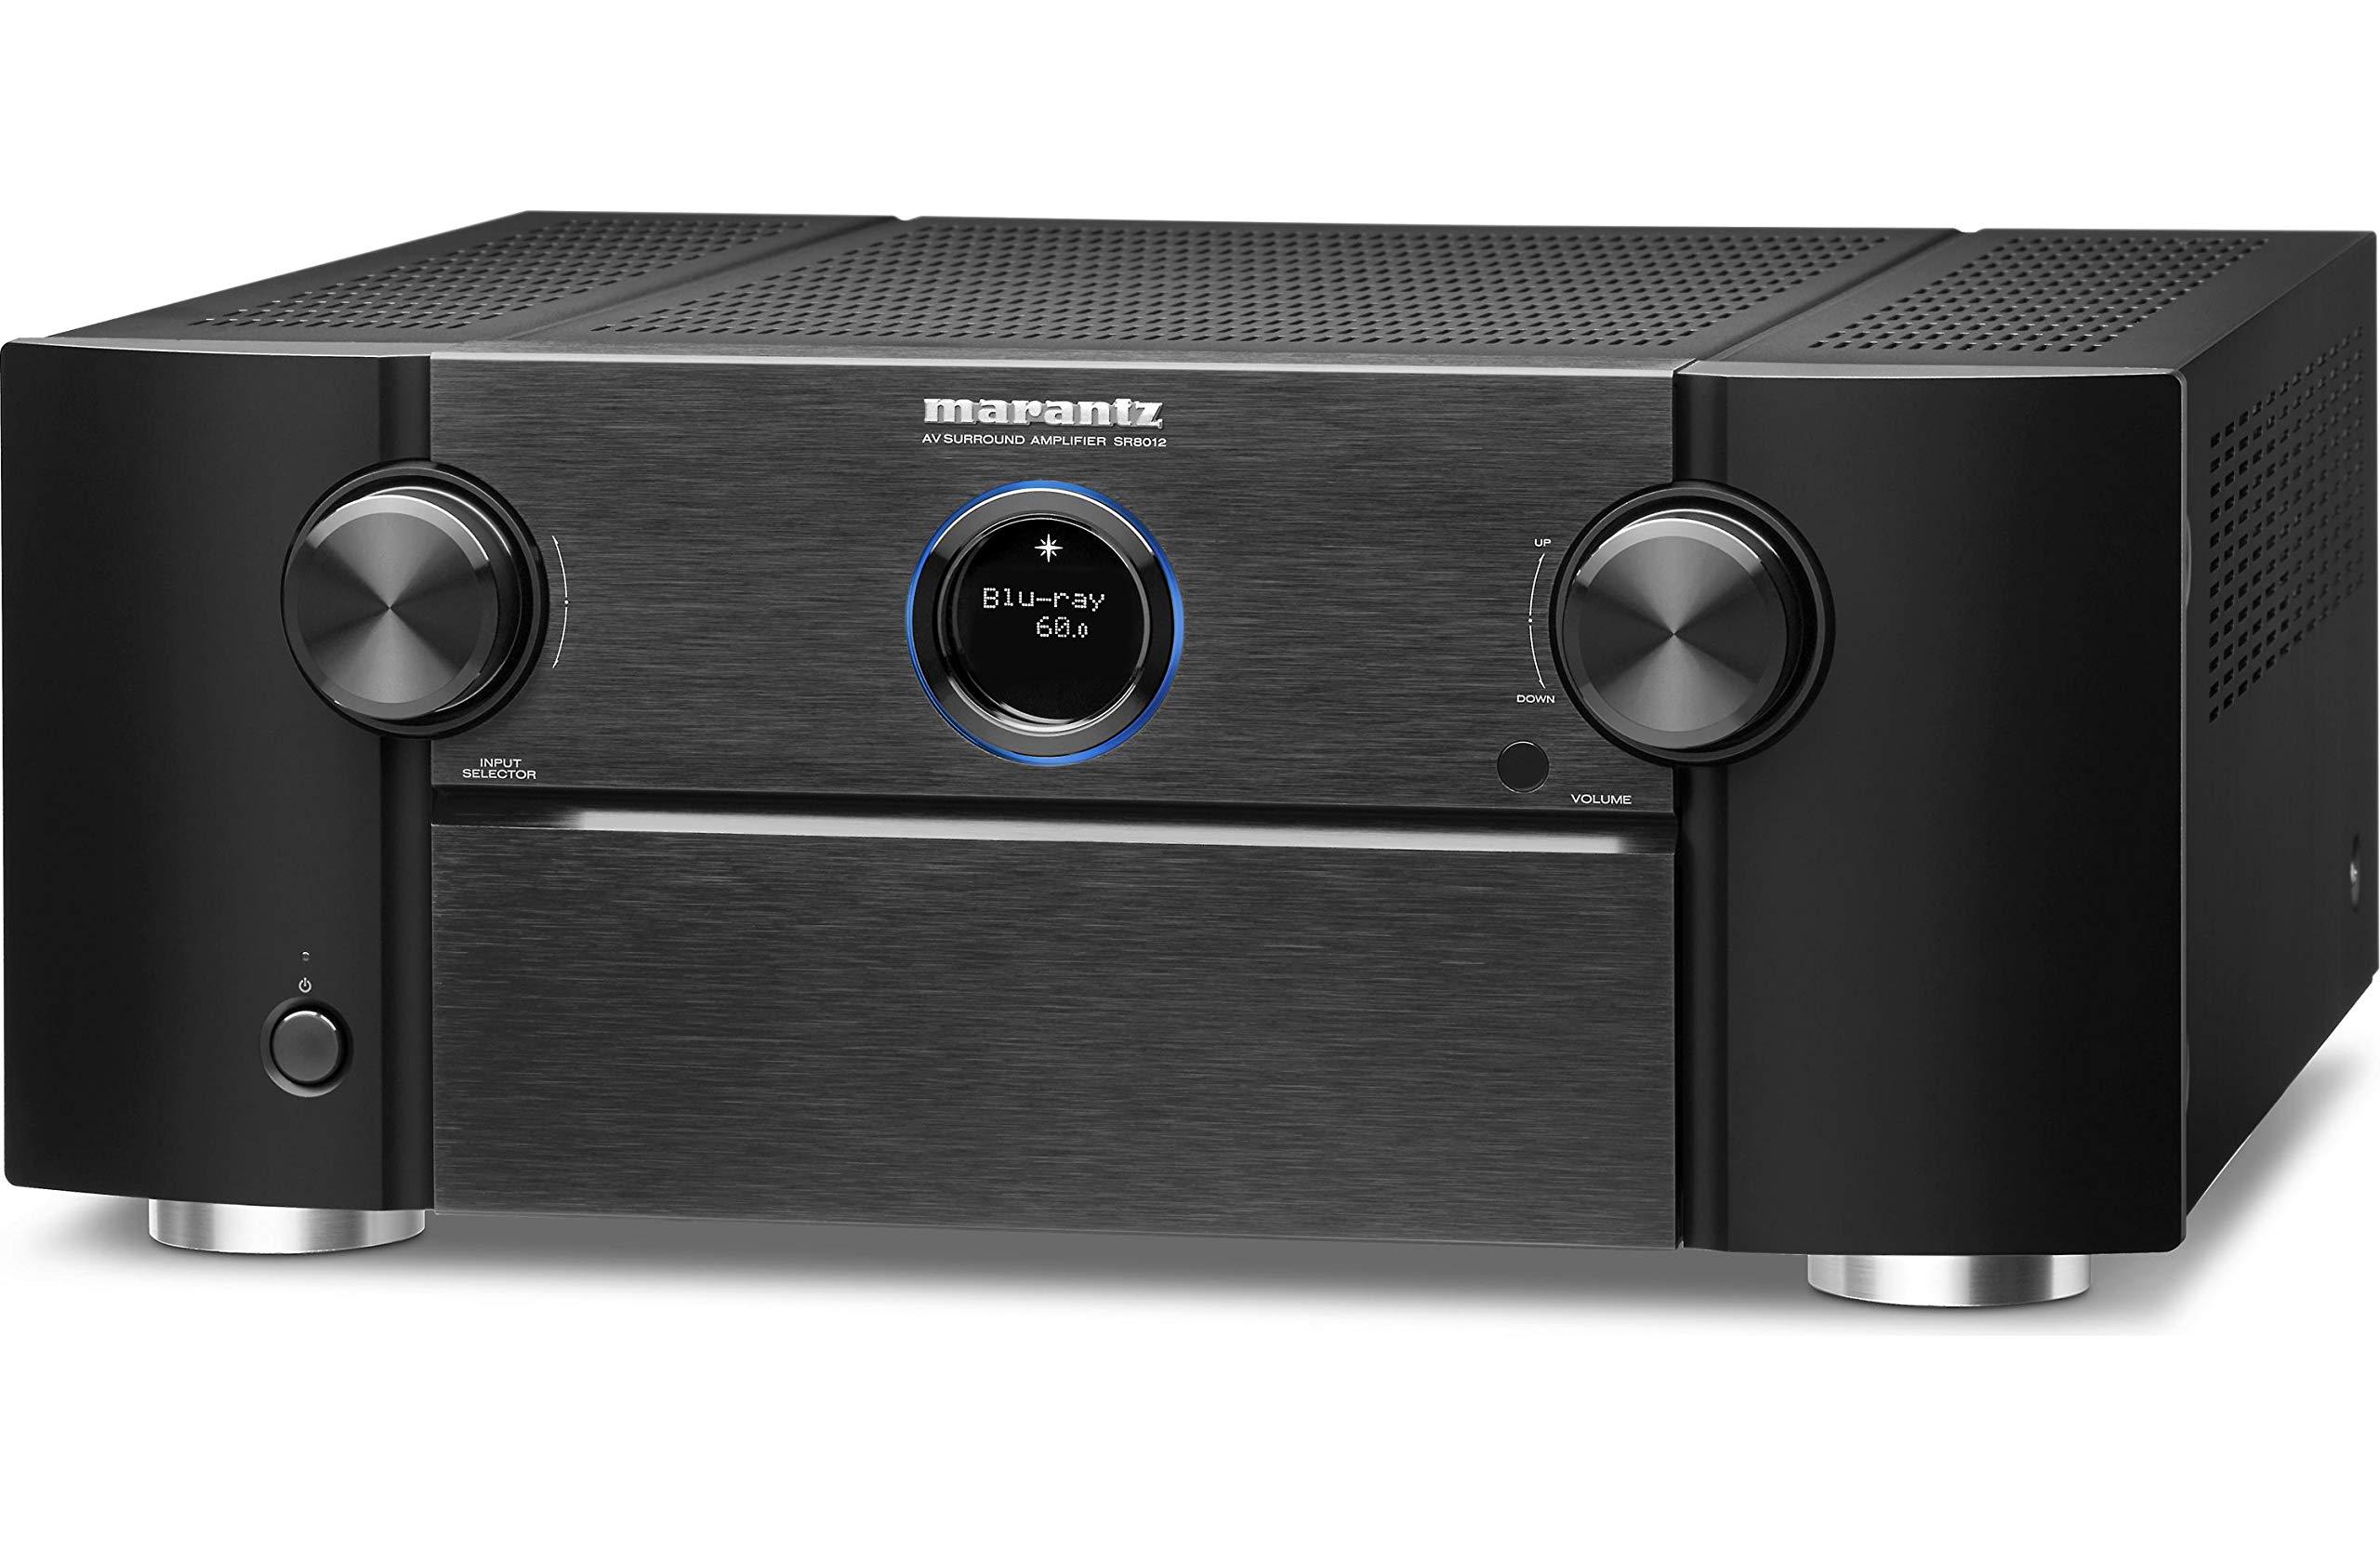 Receptor AV Marantz SR8012: primer canal de 11.2 canales de alto rendimiento, Auro 3D, IMAX mejorado, sonido Dolby Surround, 205 W de potencia de 3 zonas